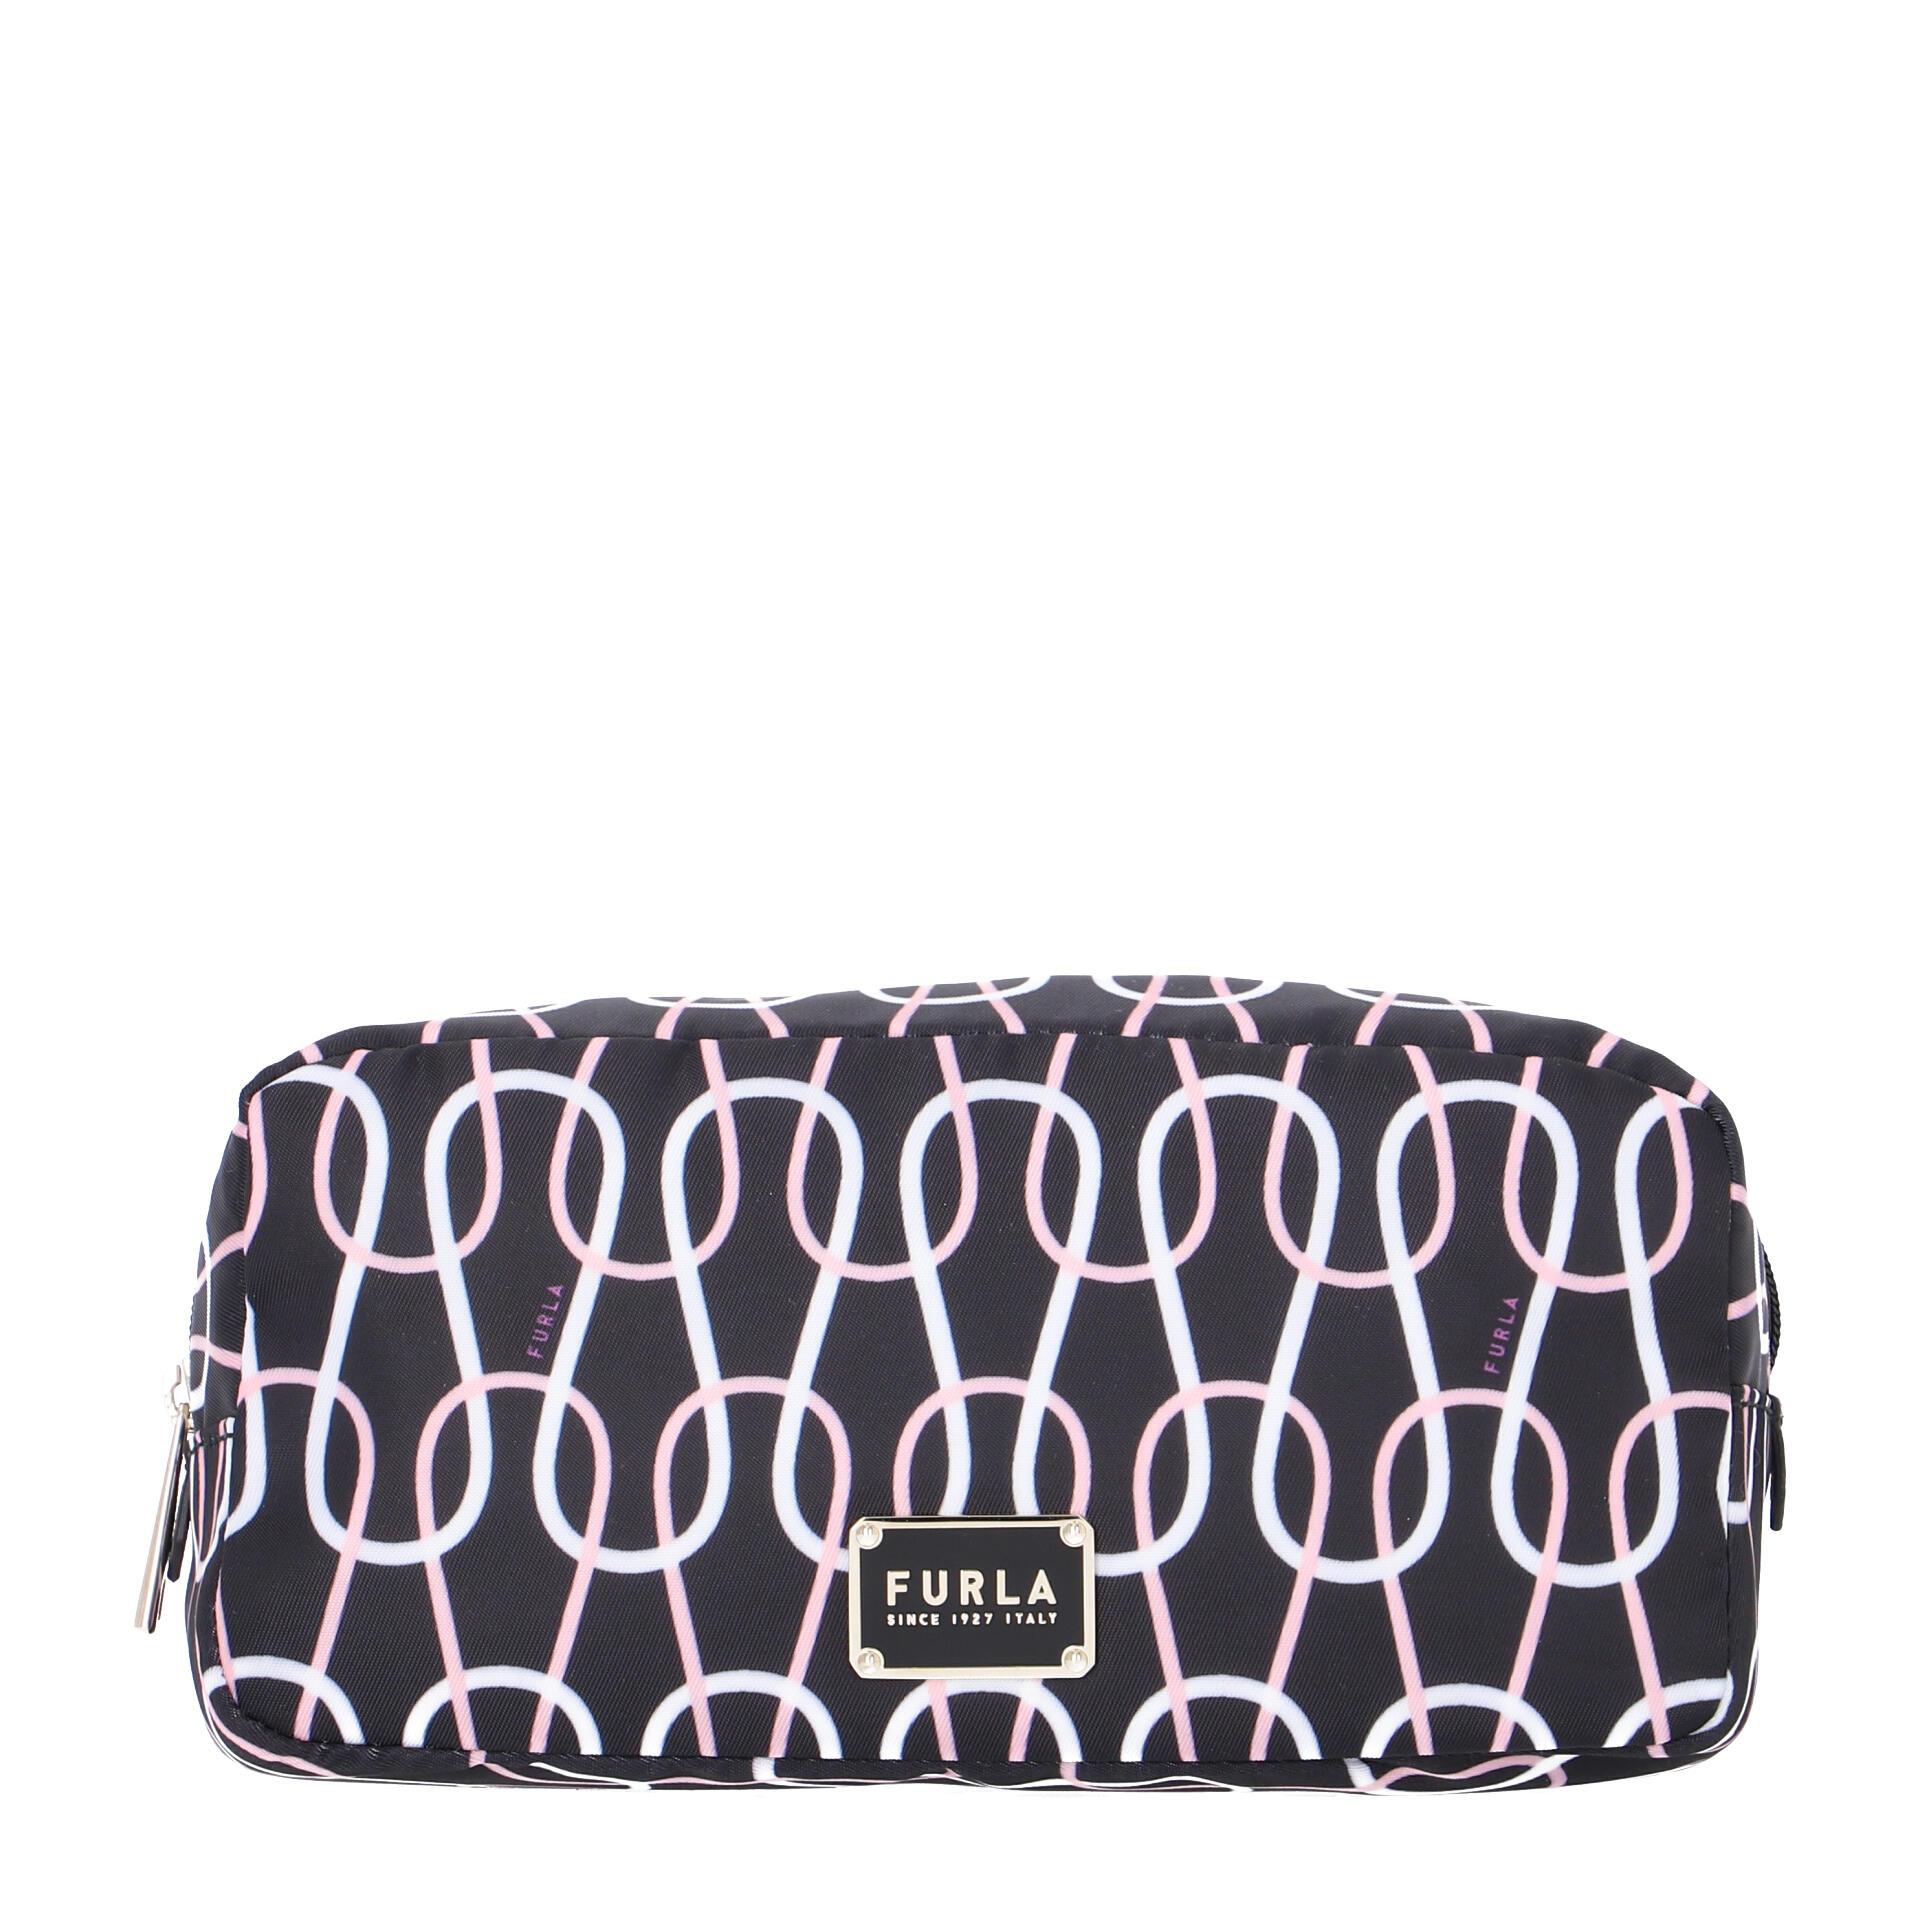 Furla Digit L Cosmetic Case nero talco rosa chiaro